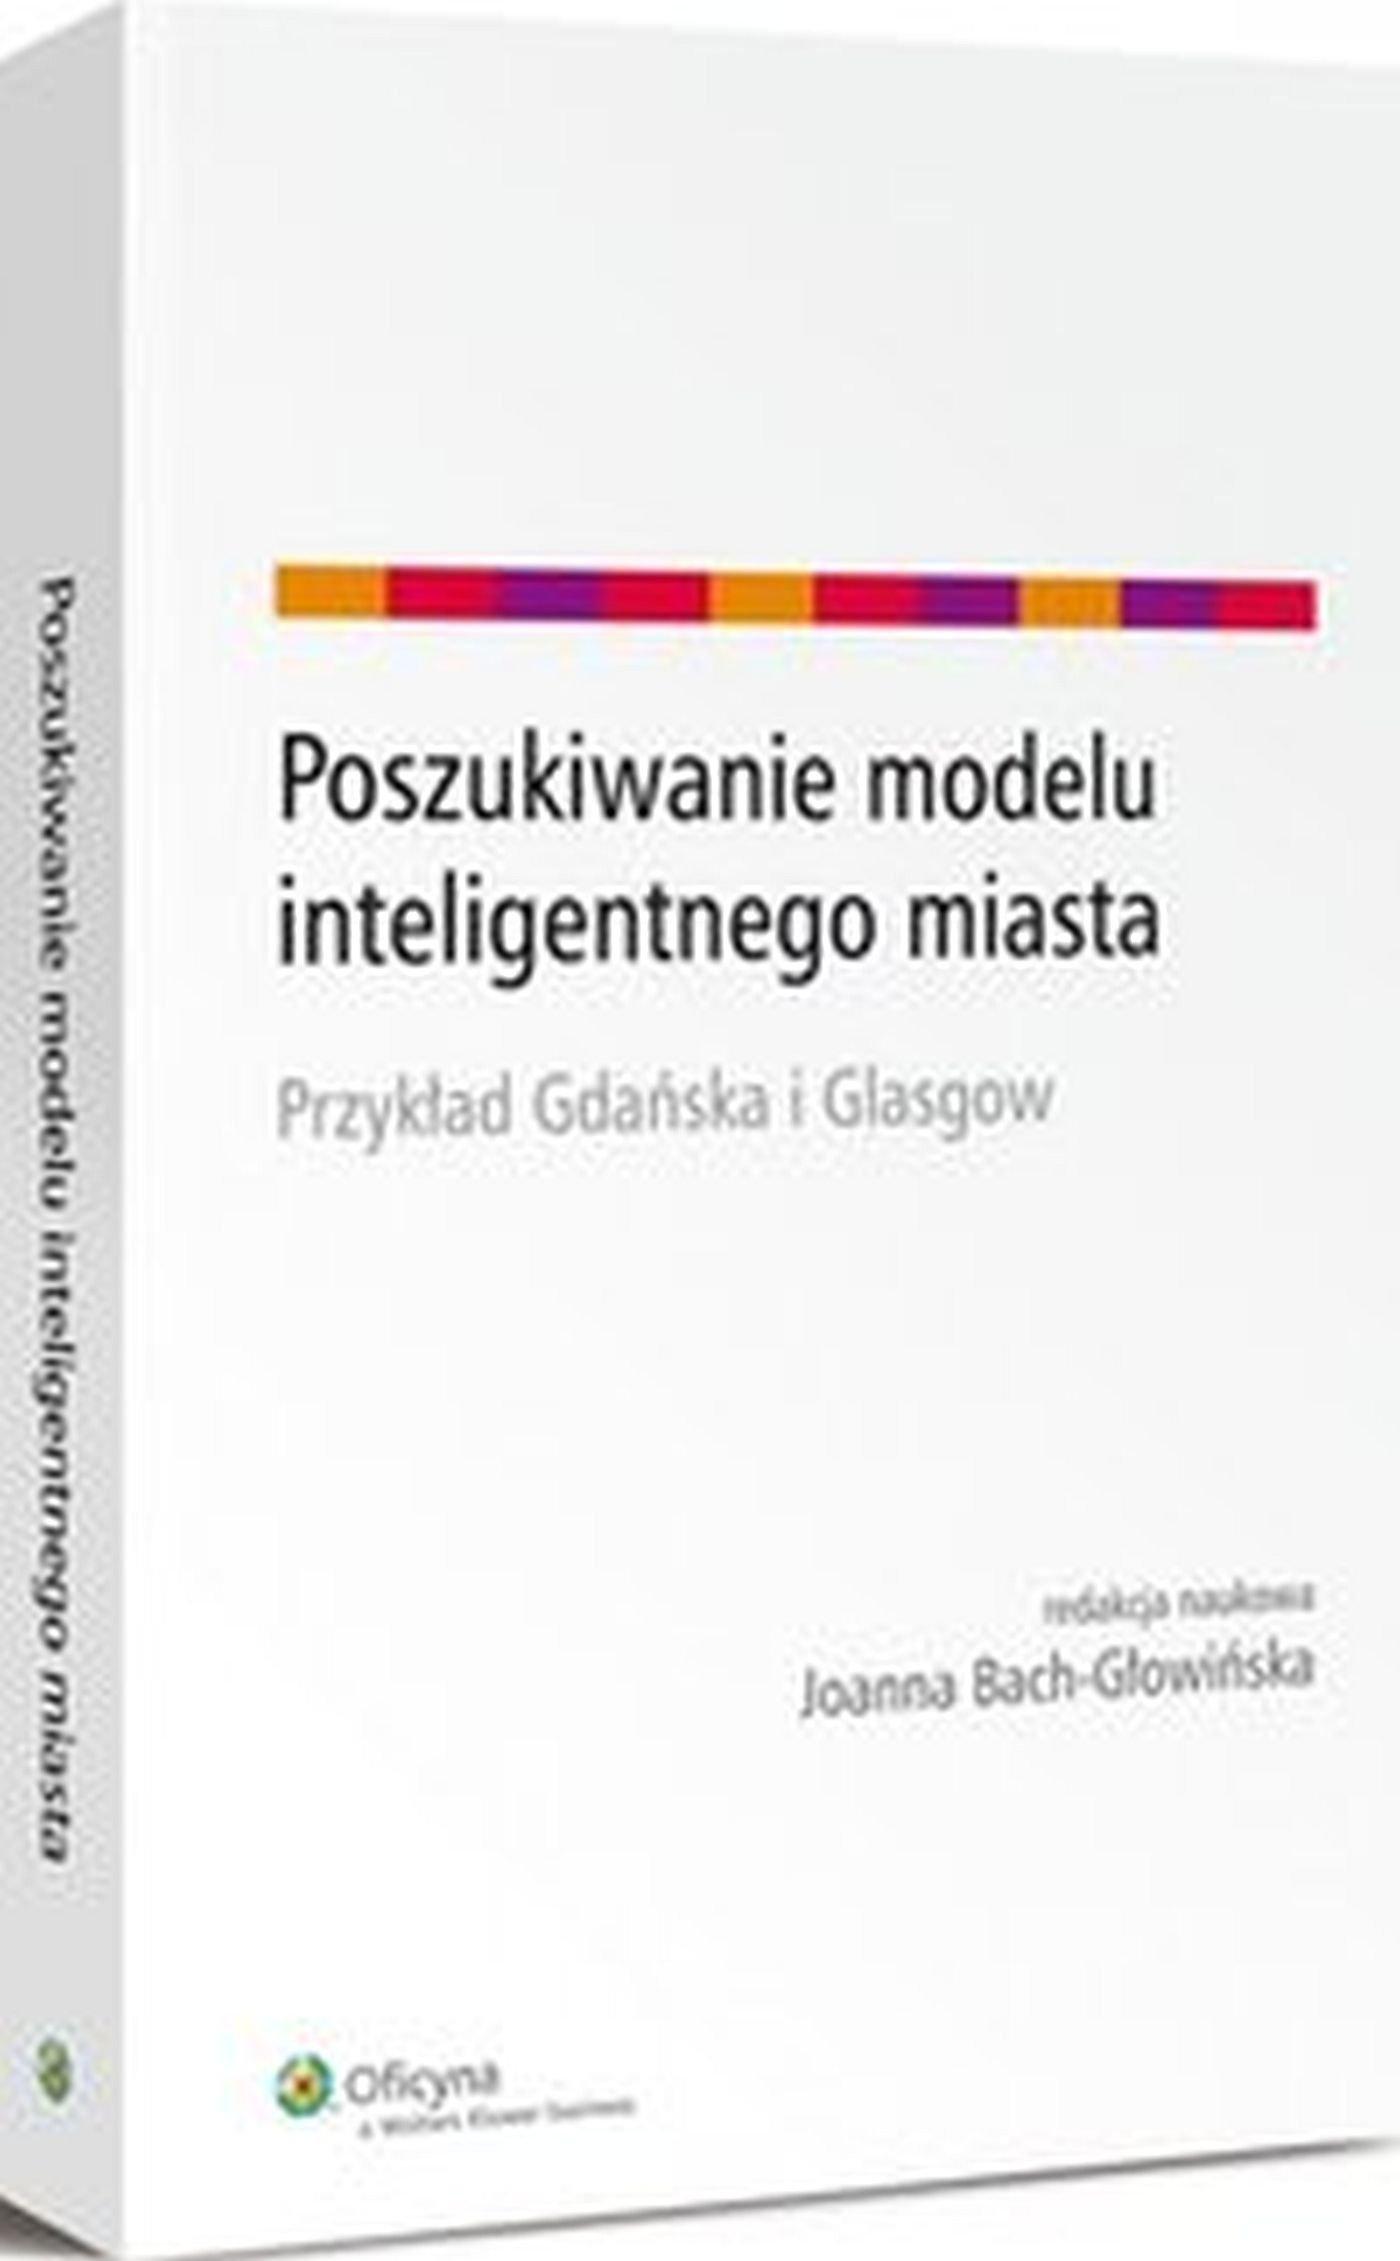 Poszukiwanie modelu inteligentnego miasta. Przykład Gdańska i Glasgow - Ebook (Książka EPUB) do pobrania w formacie EPUB